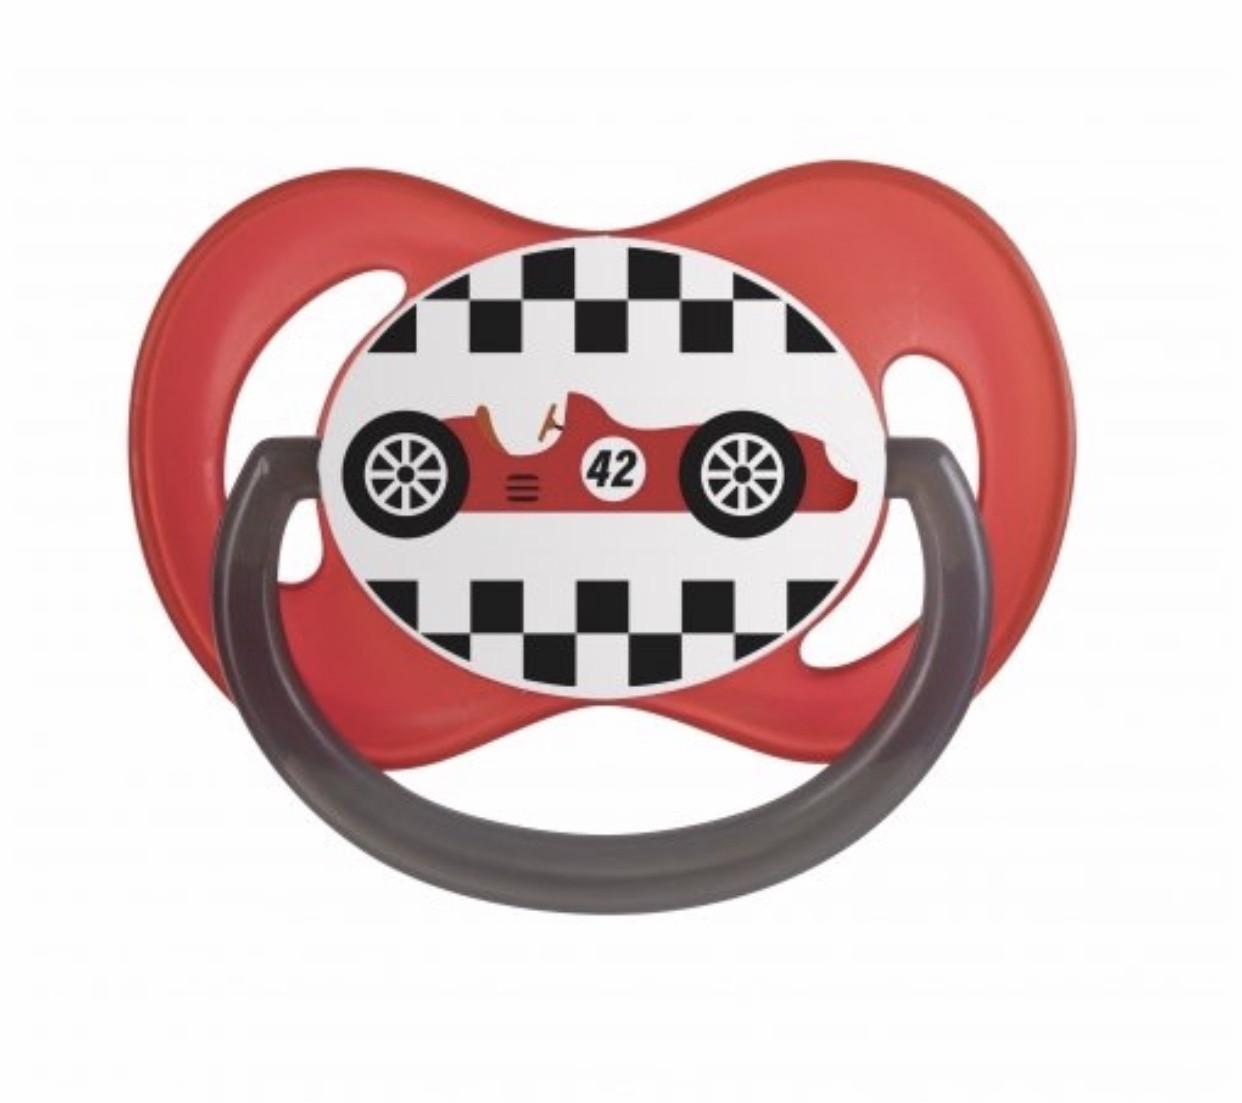 Пустышка силиконовая симетричная красная 18+ м  Racing Canpol babies 22/573